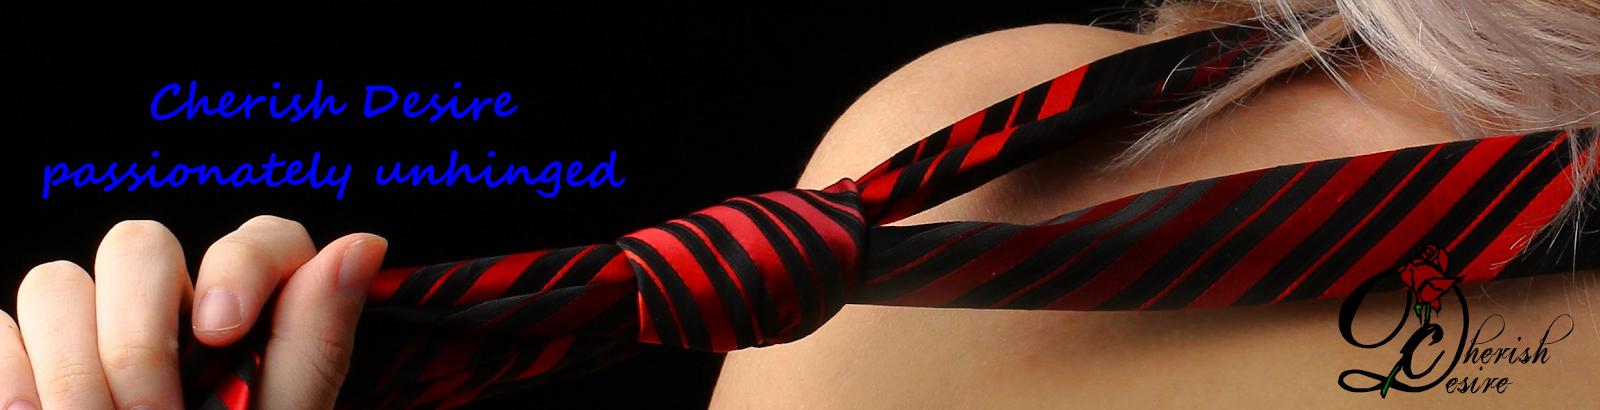 Cherish Desire, Passionately Unhinged, Max D, erotica